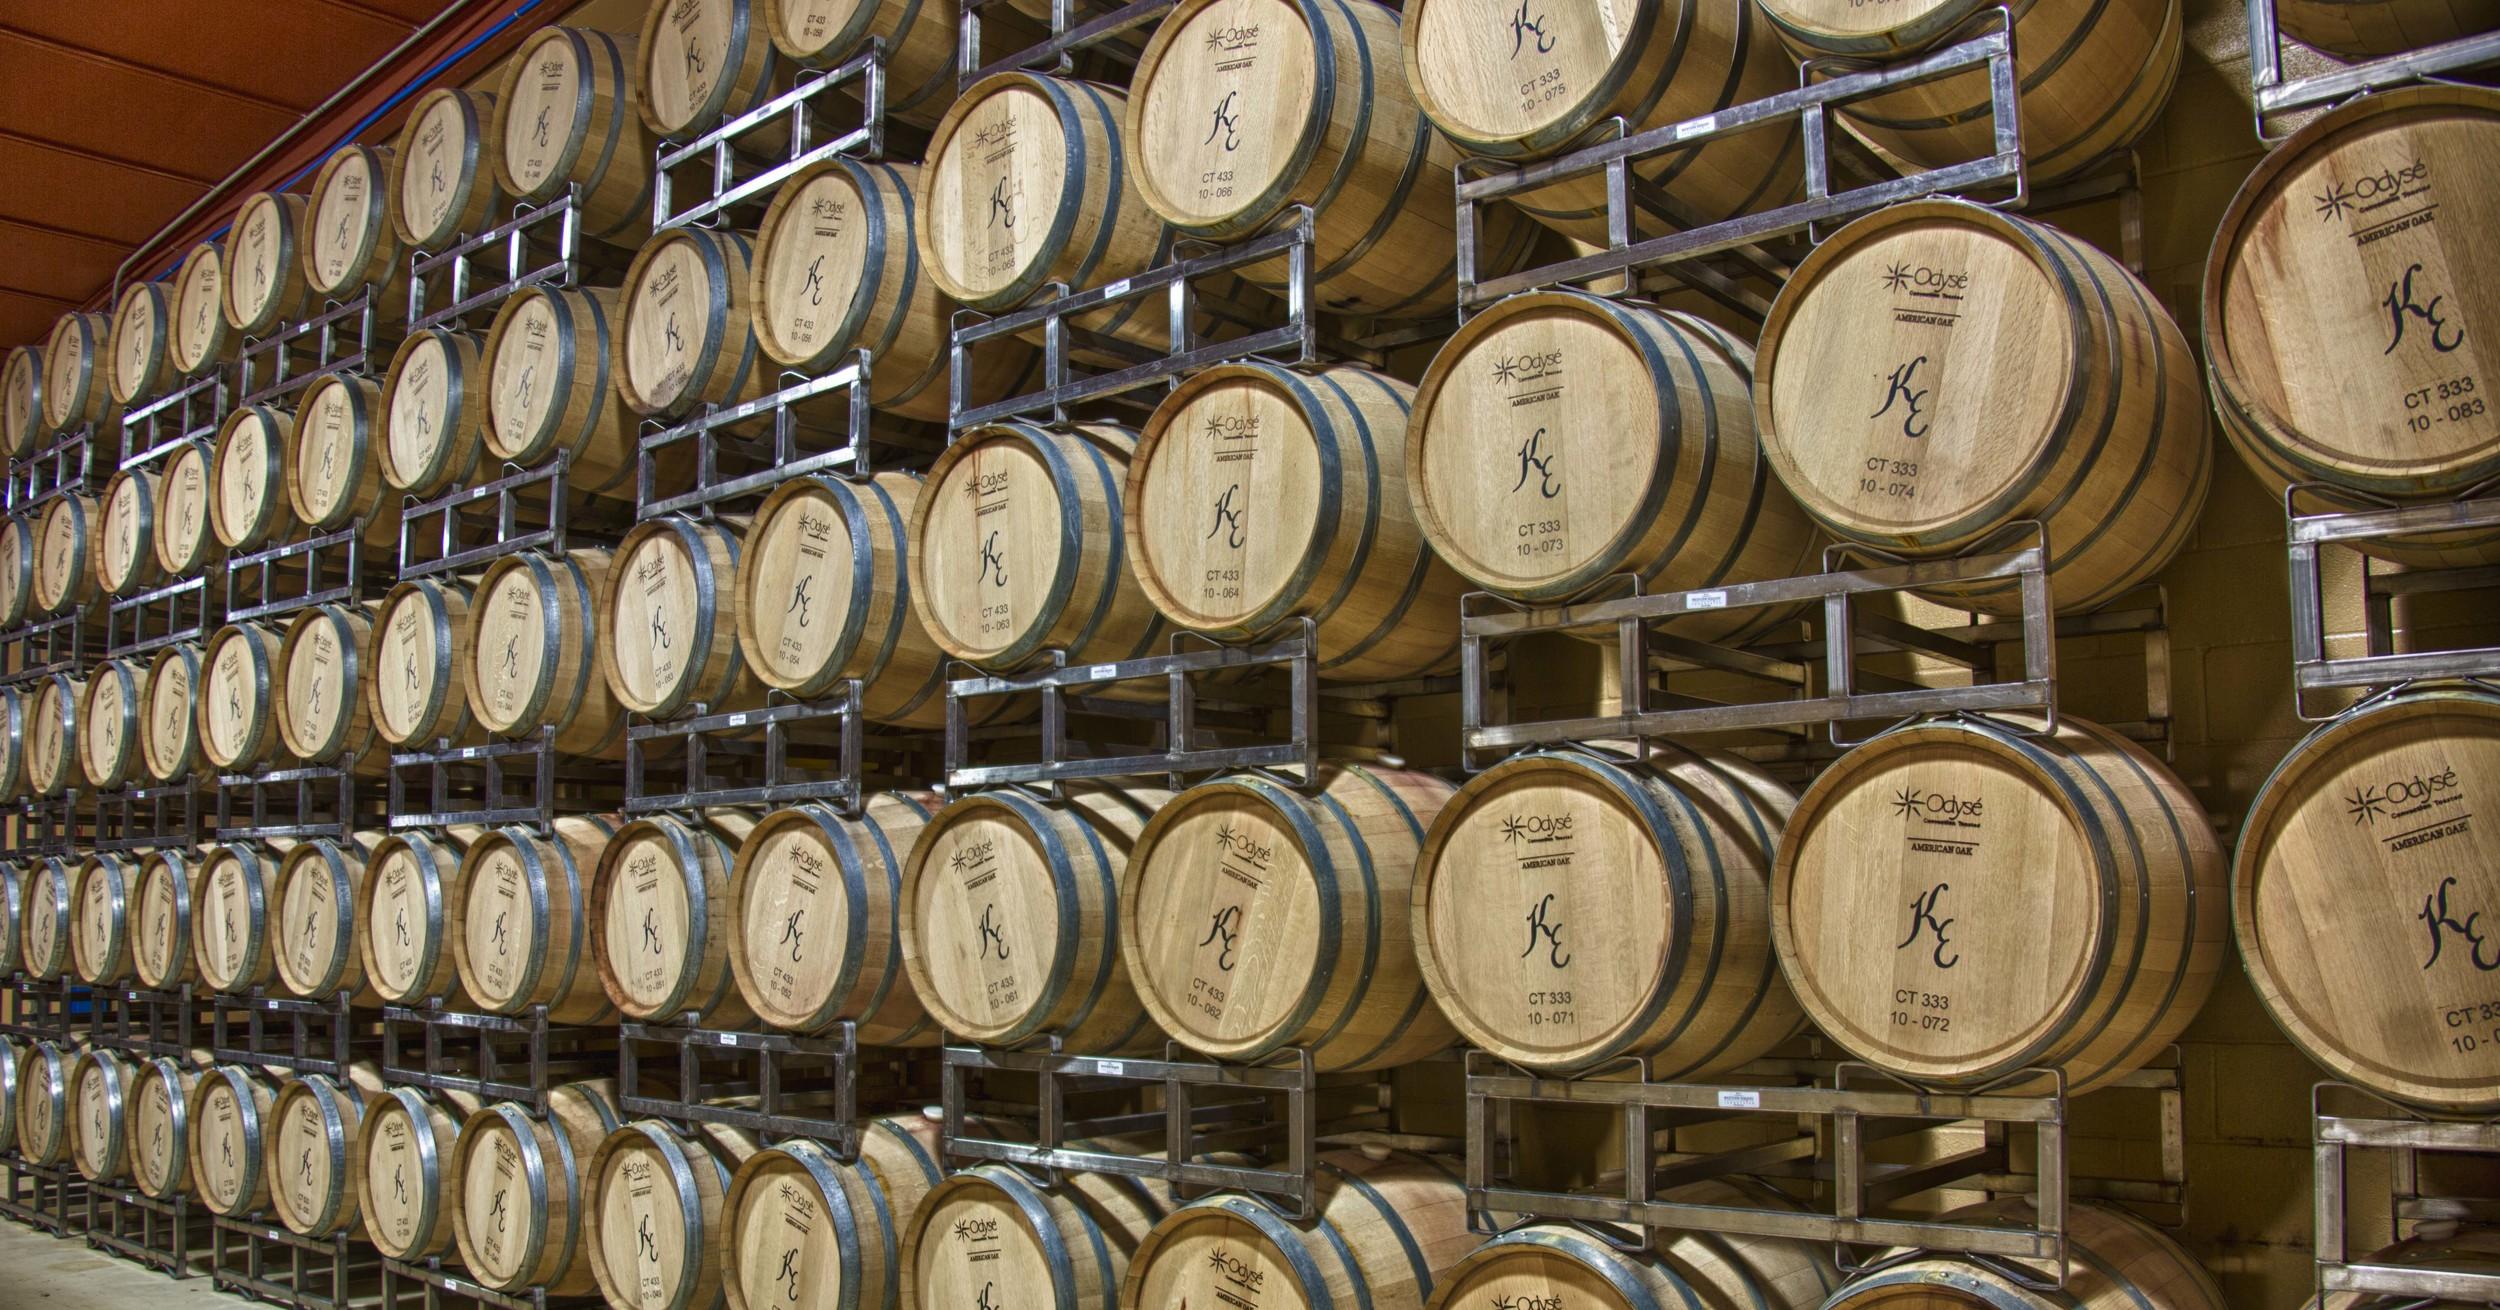 wall_of_wine_barrels_kiepersol.jpg